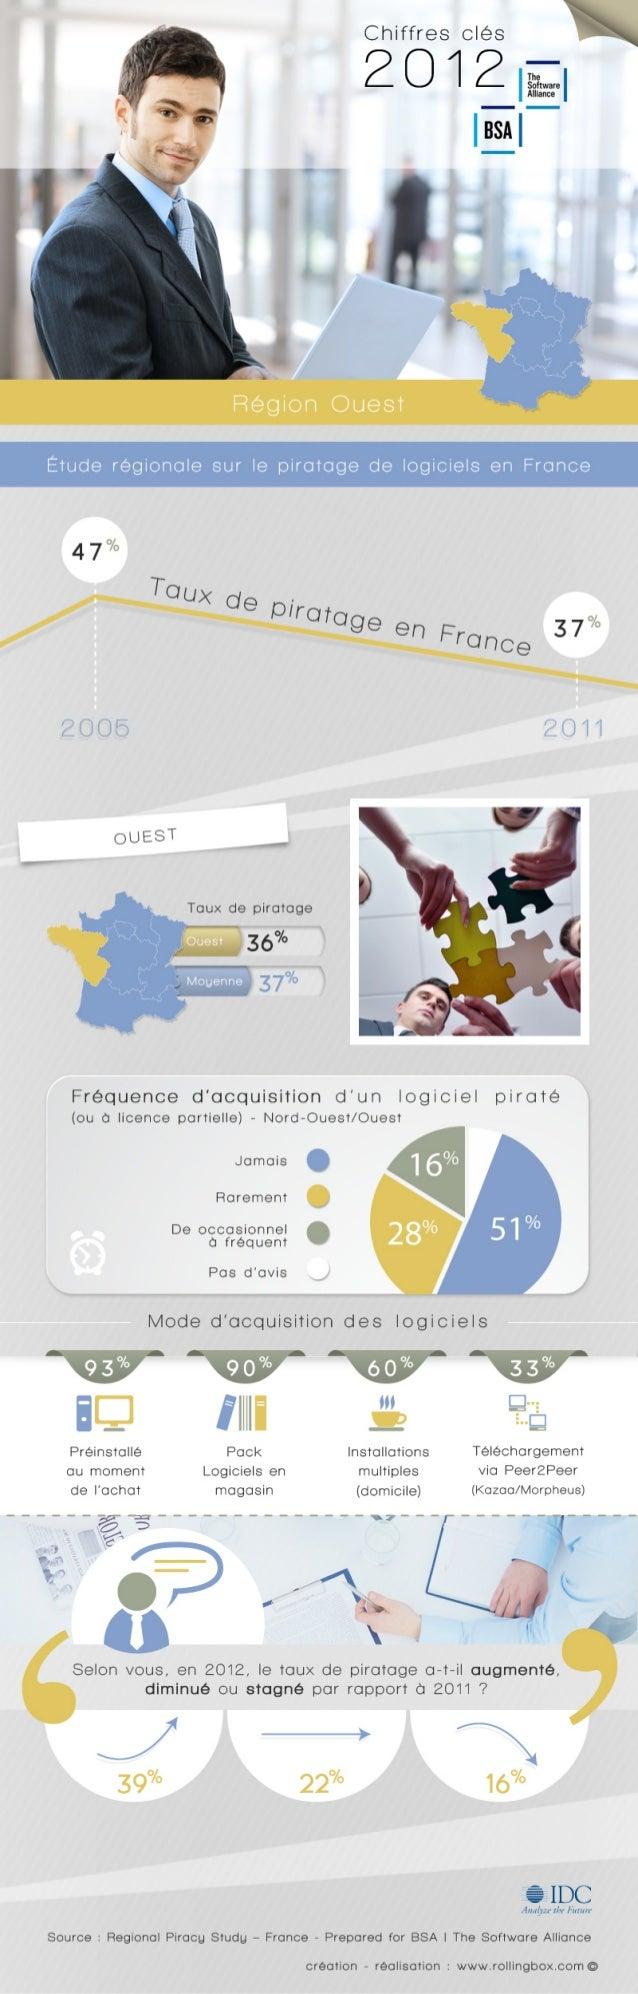 [Ouest de la France] Etude régionale sur le piratage de logiciels dans l'Ouest de la France - BSA | The Software Alliance / IDC